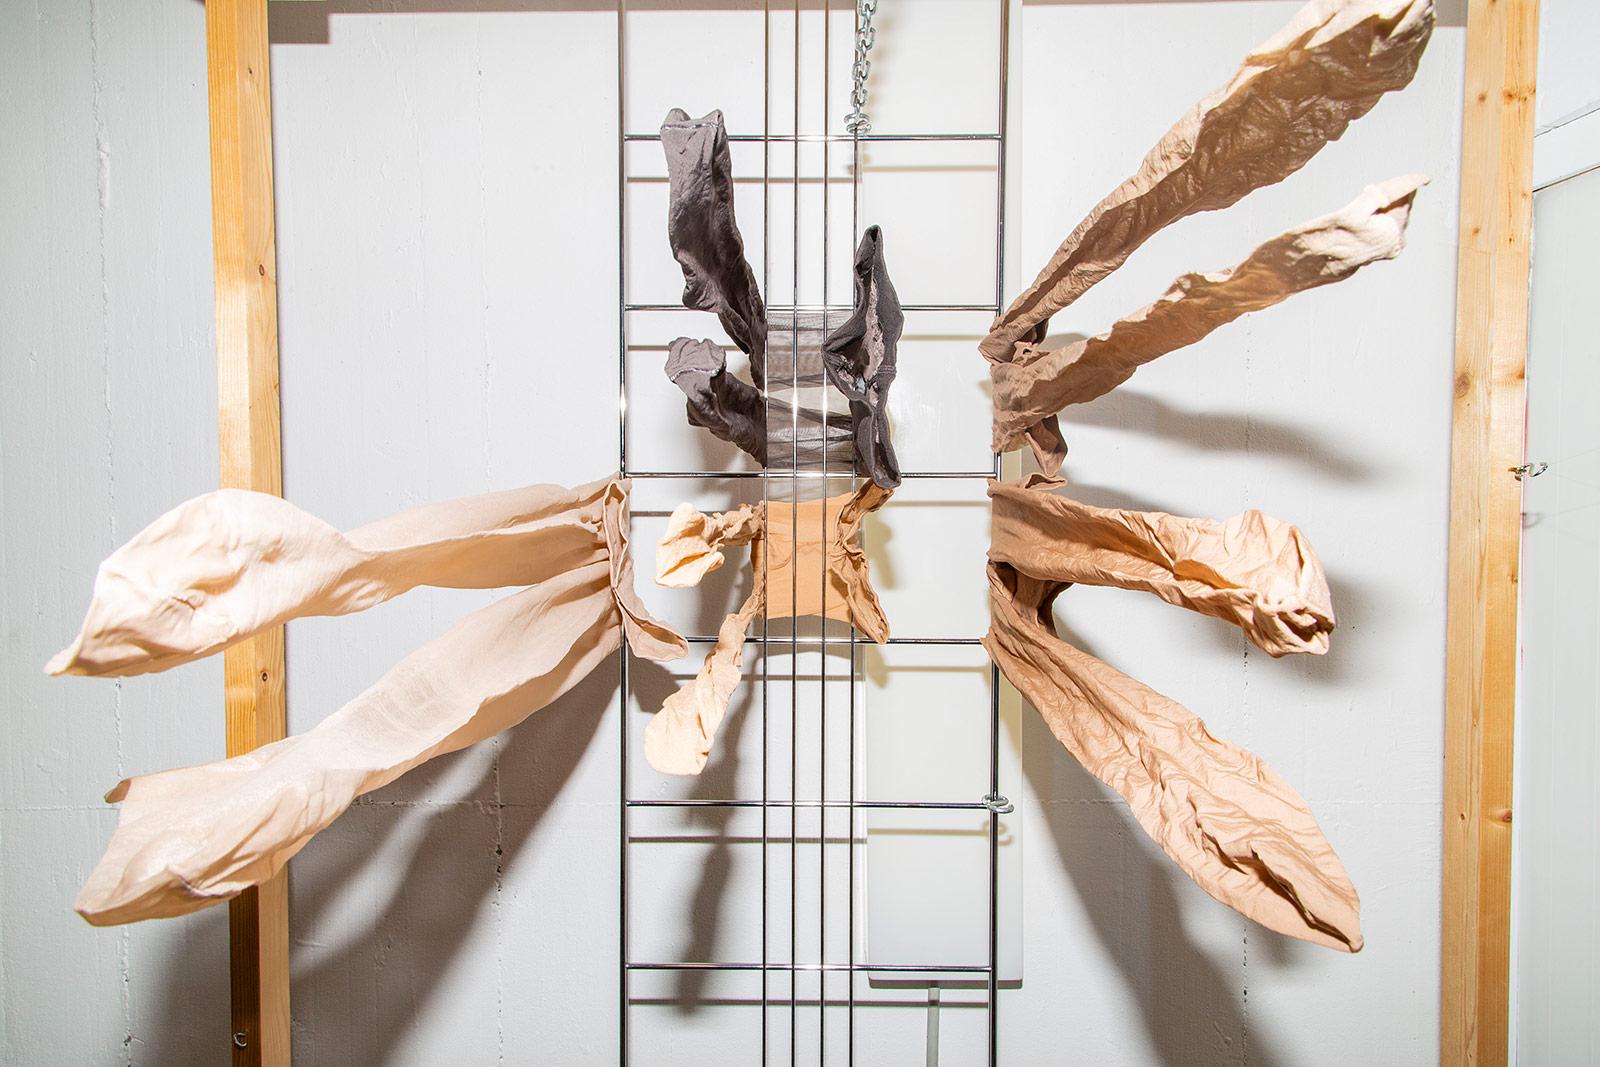 Aufgehängte Strumpfhosen im Atelier